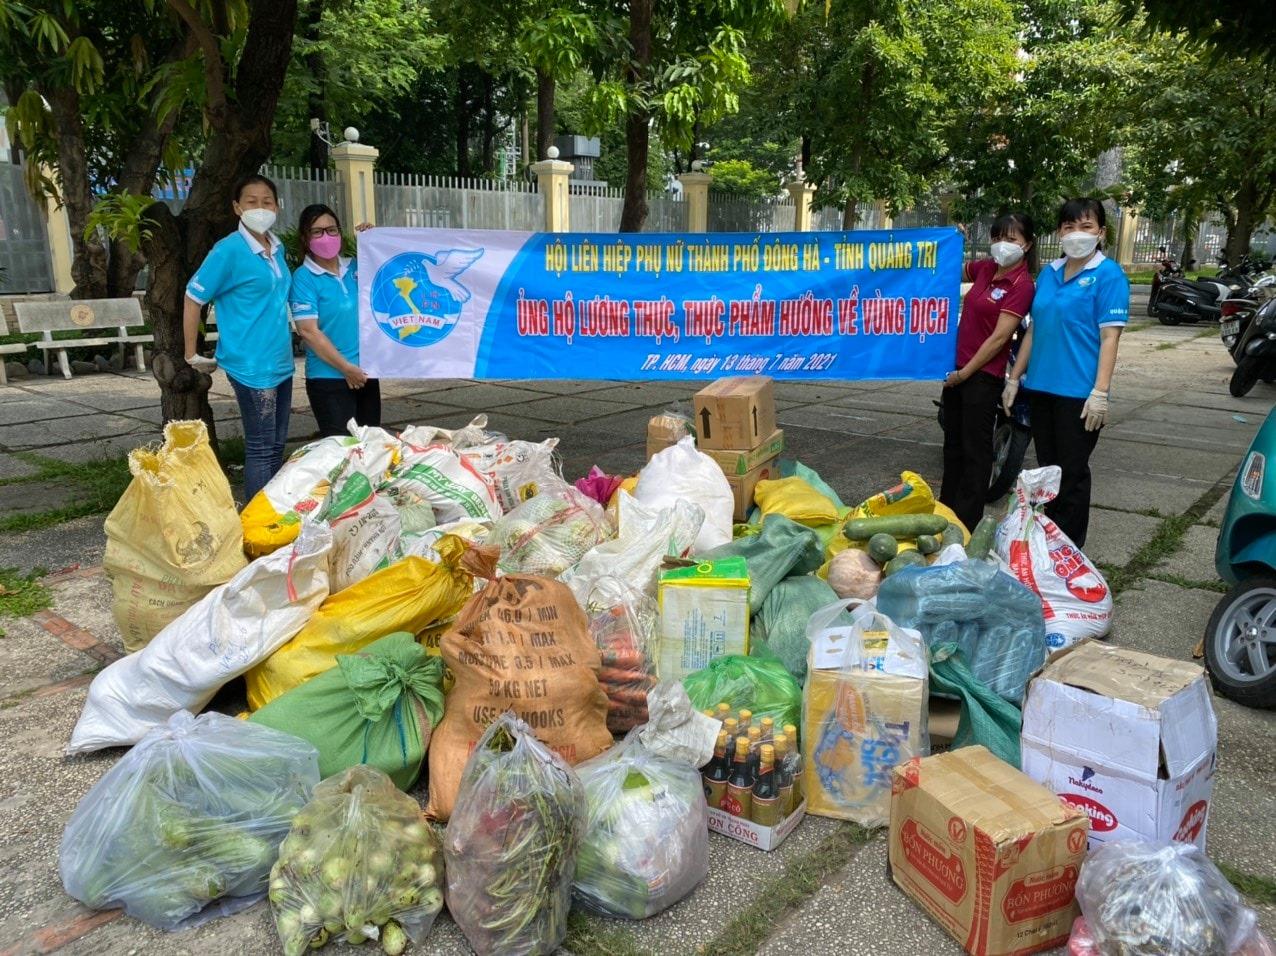 Hội LHPN các quận huyện TP. HCM đón nhận món quà tiếp sức từ Hội LHPN TP. Đông Hà (Quảng Trị)